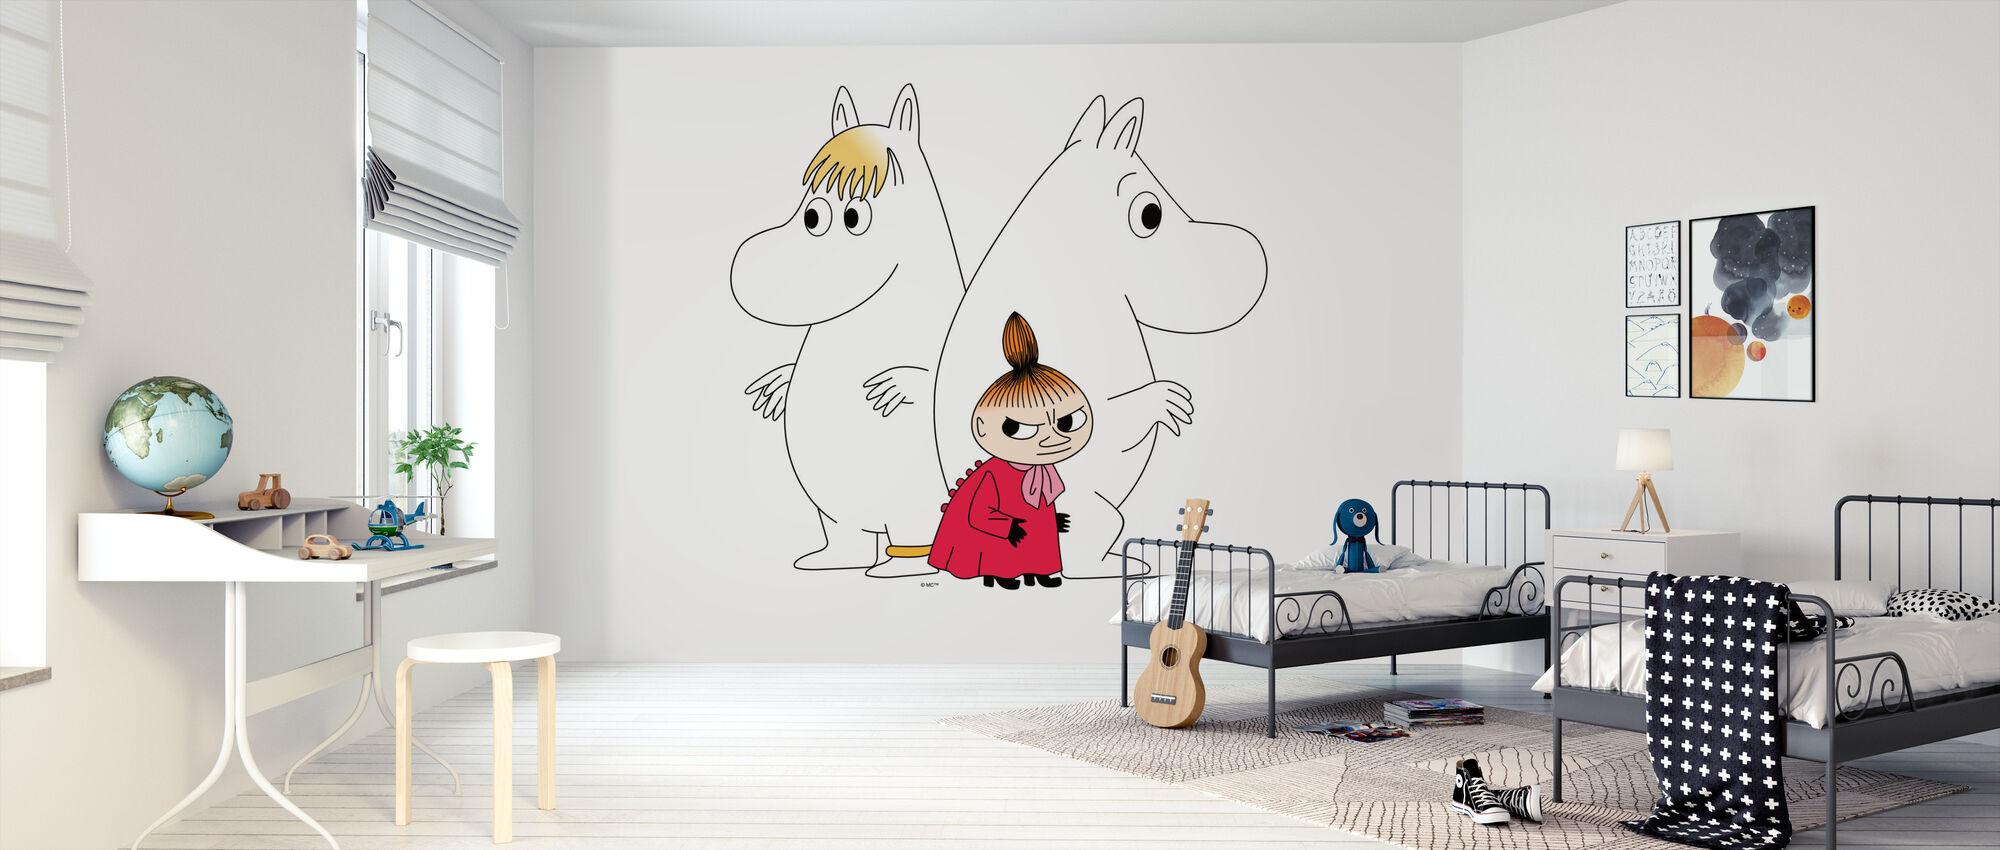 Mumin - Schnorchelmädchen und Little My - Tapete - Kinderzimmer